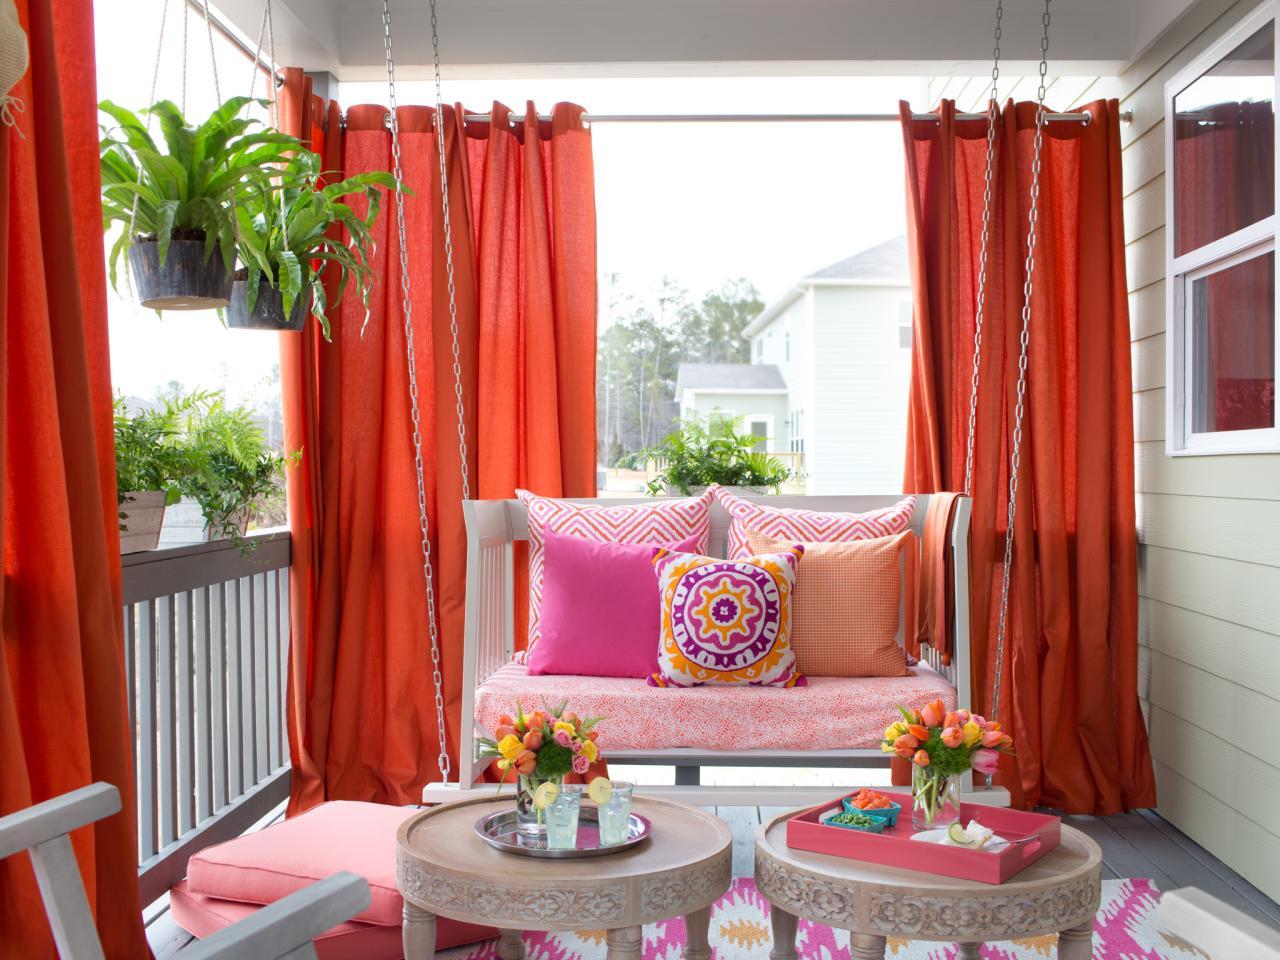 original-bpf-spring-house_exterior_patio-decor_beauty_h-jpg-rend-hgtvcom-1280-960